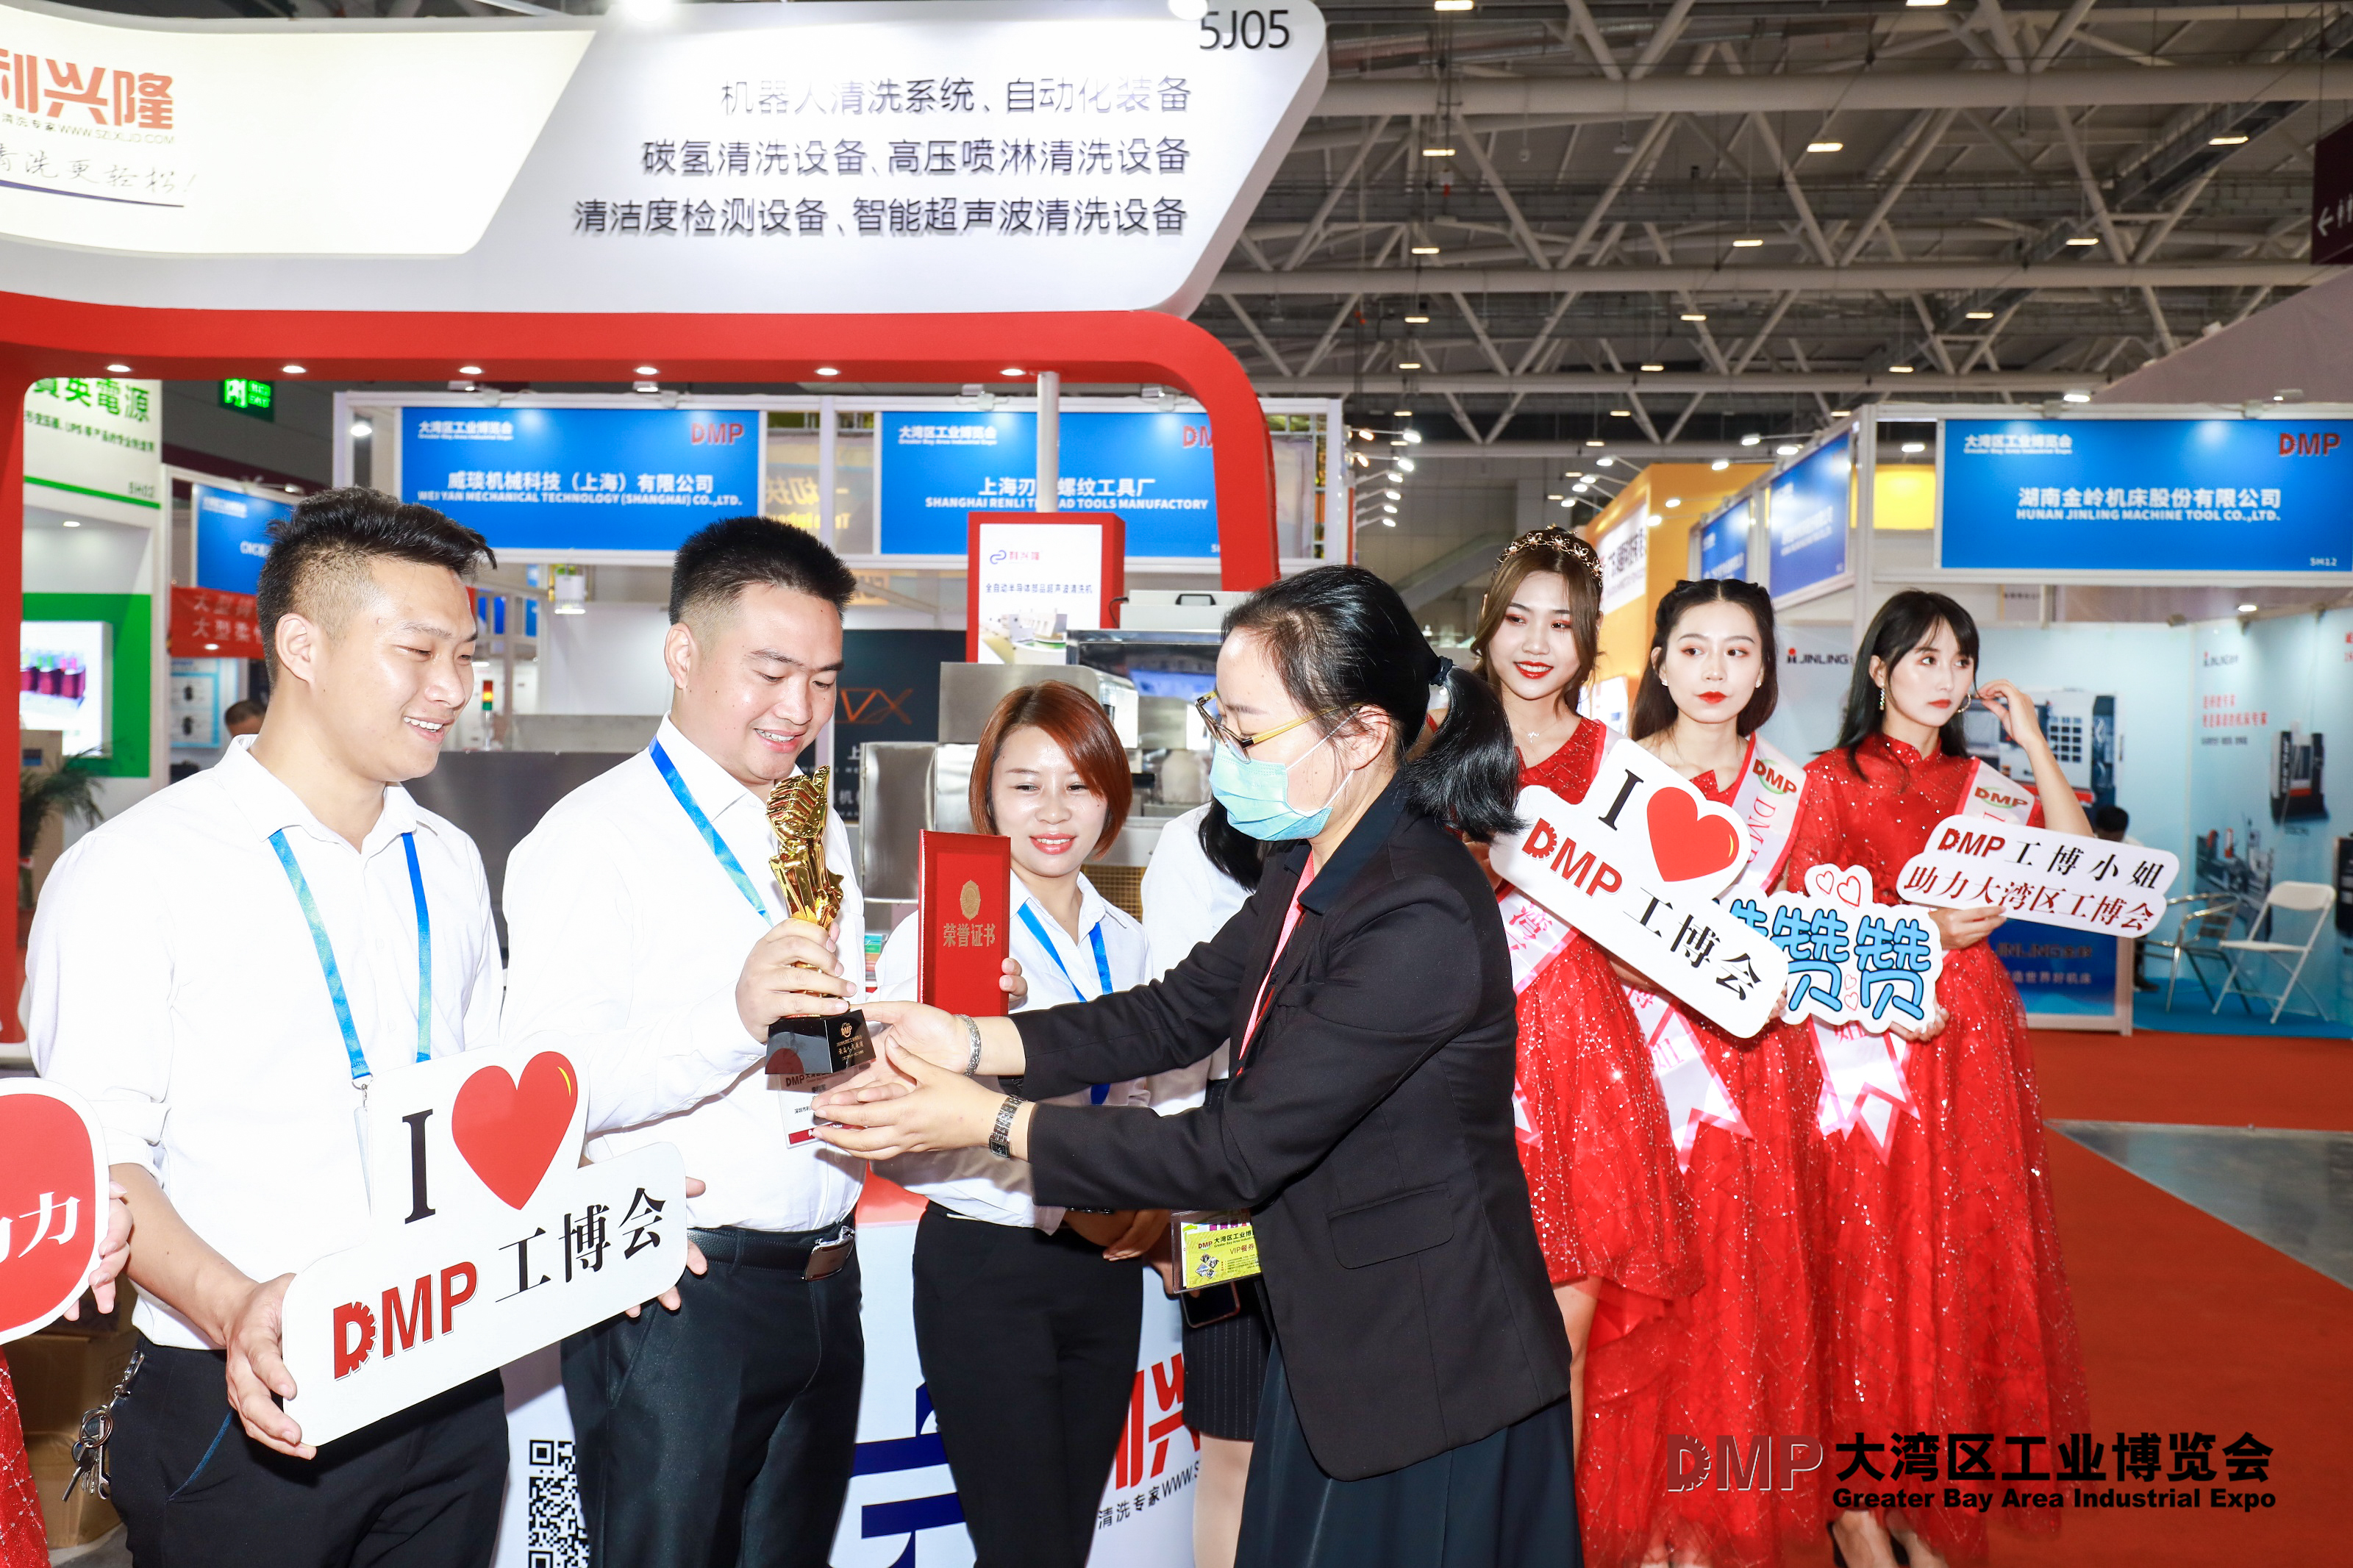 熱烈祝賀本公司連續兩屆蟬聯《DMP大灣區工業博覽會最佳人氣展商》稱號!